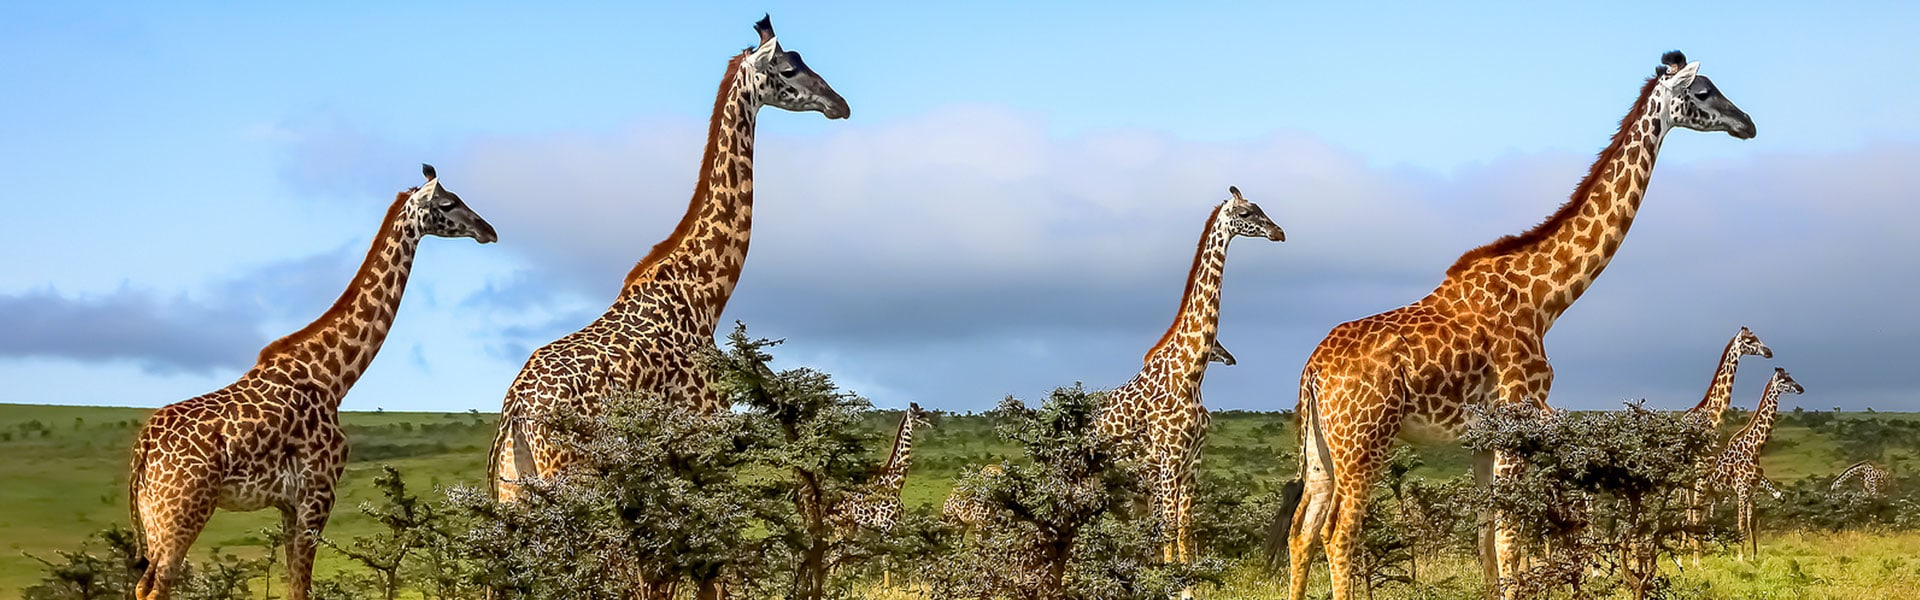 masai-giraffe-conservation-tanzania